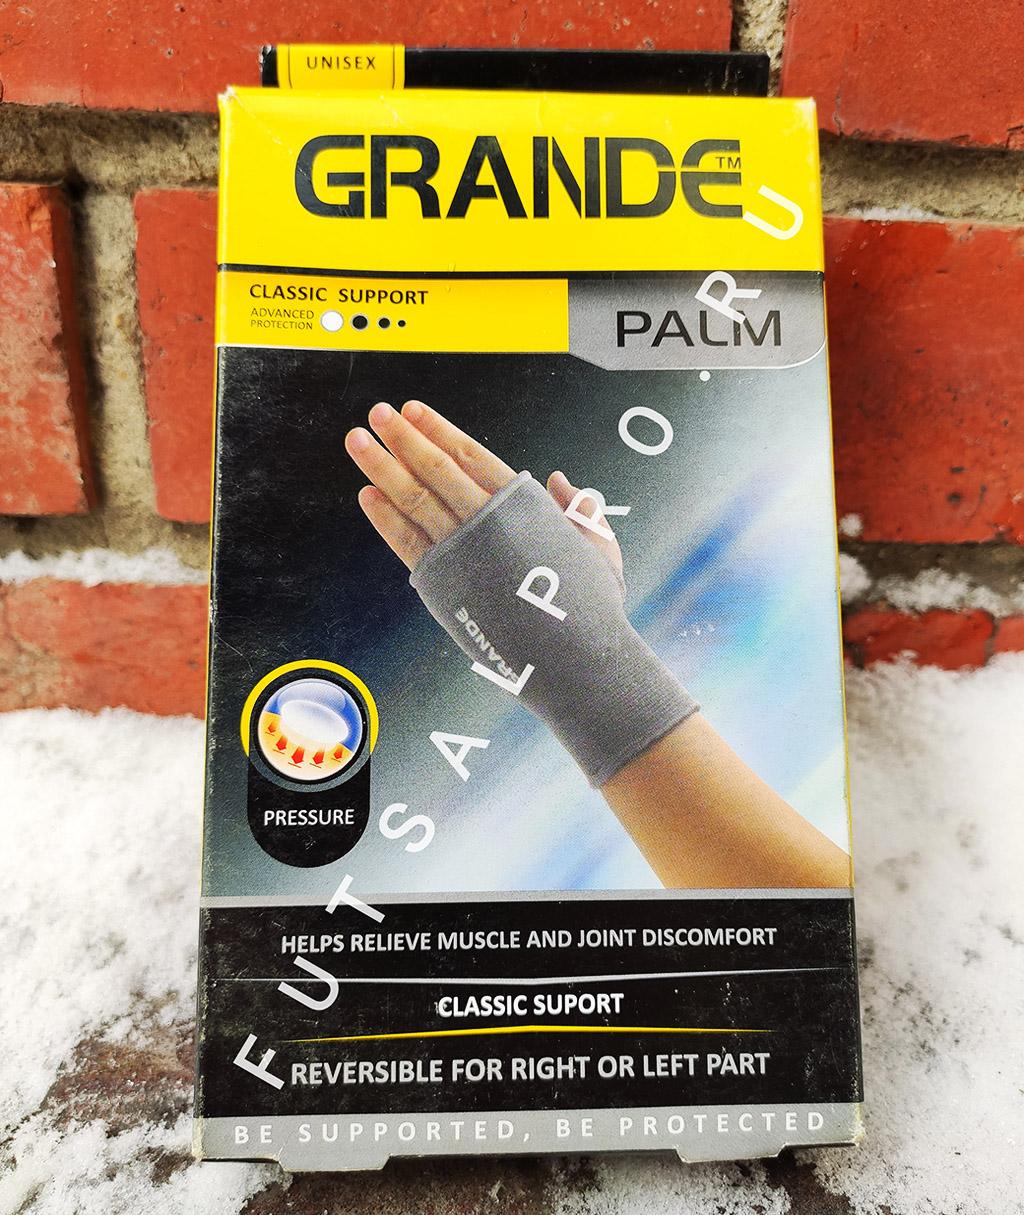 Купить эластичный фиксатор запястья Grande GS-110 бандаж, суппорт